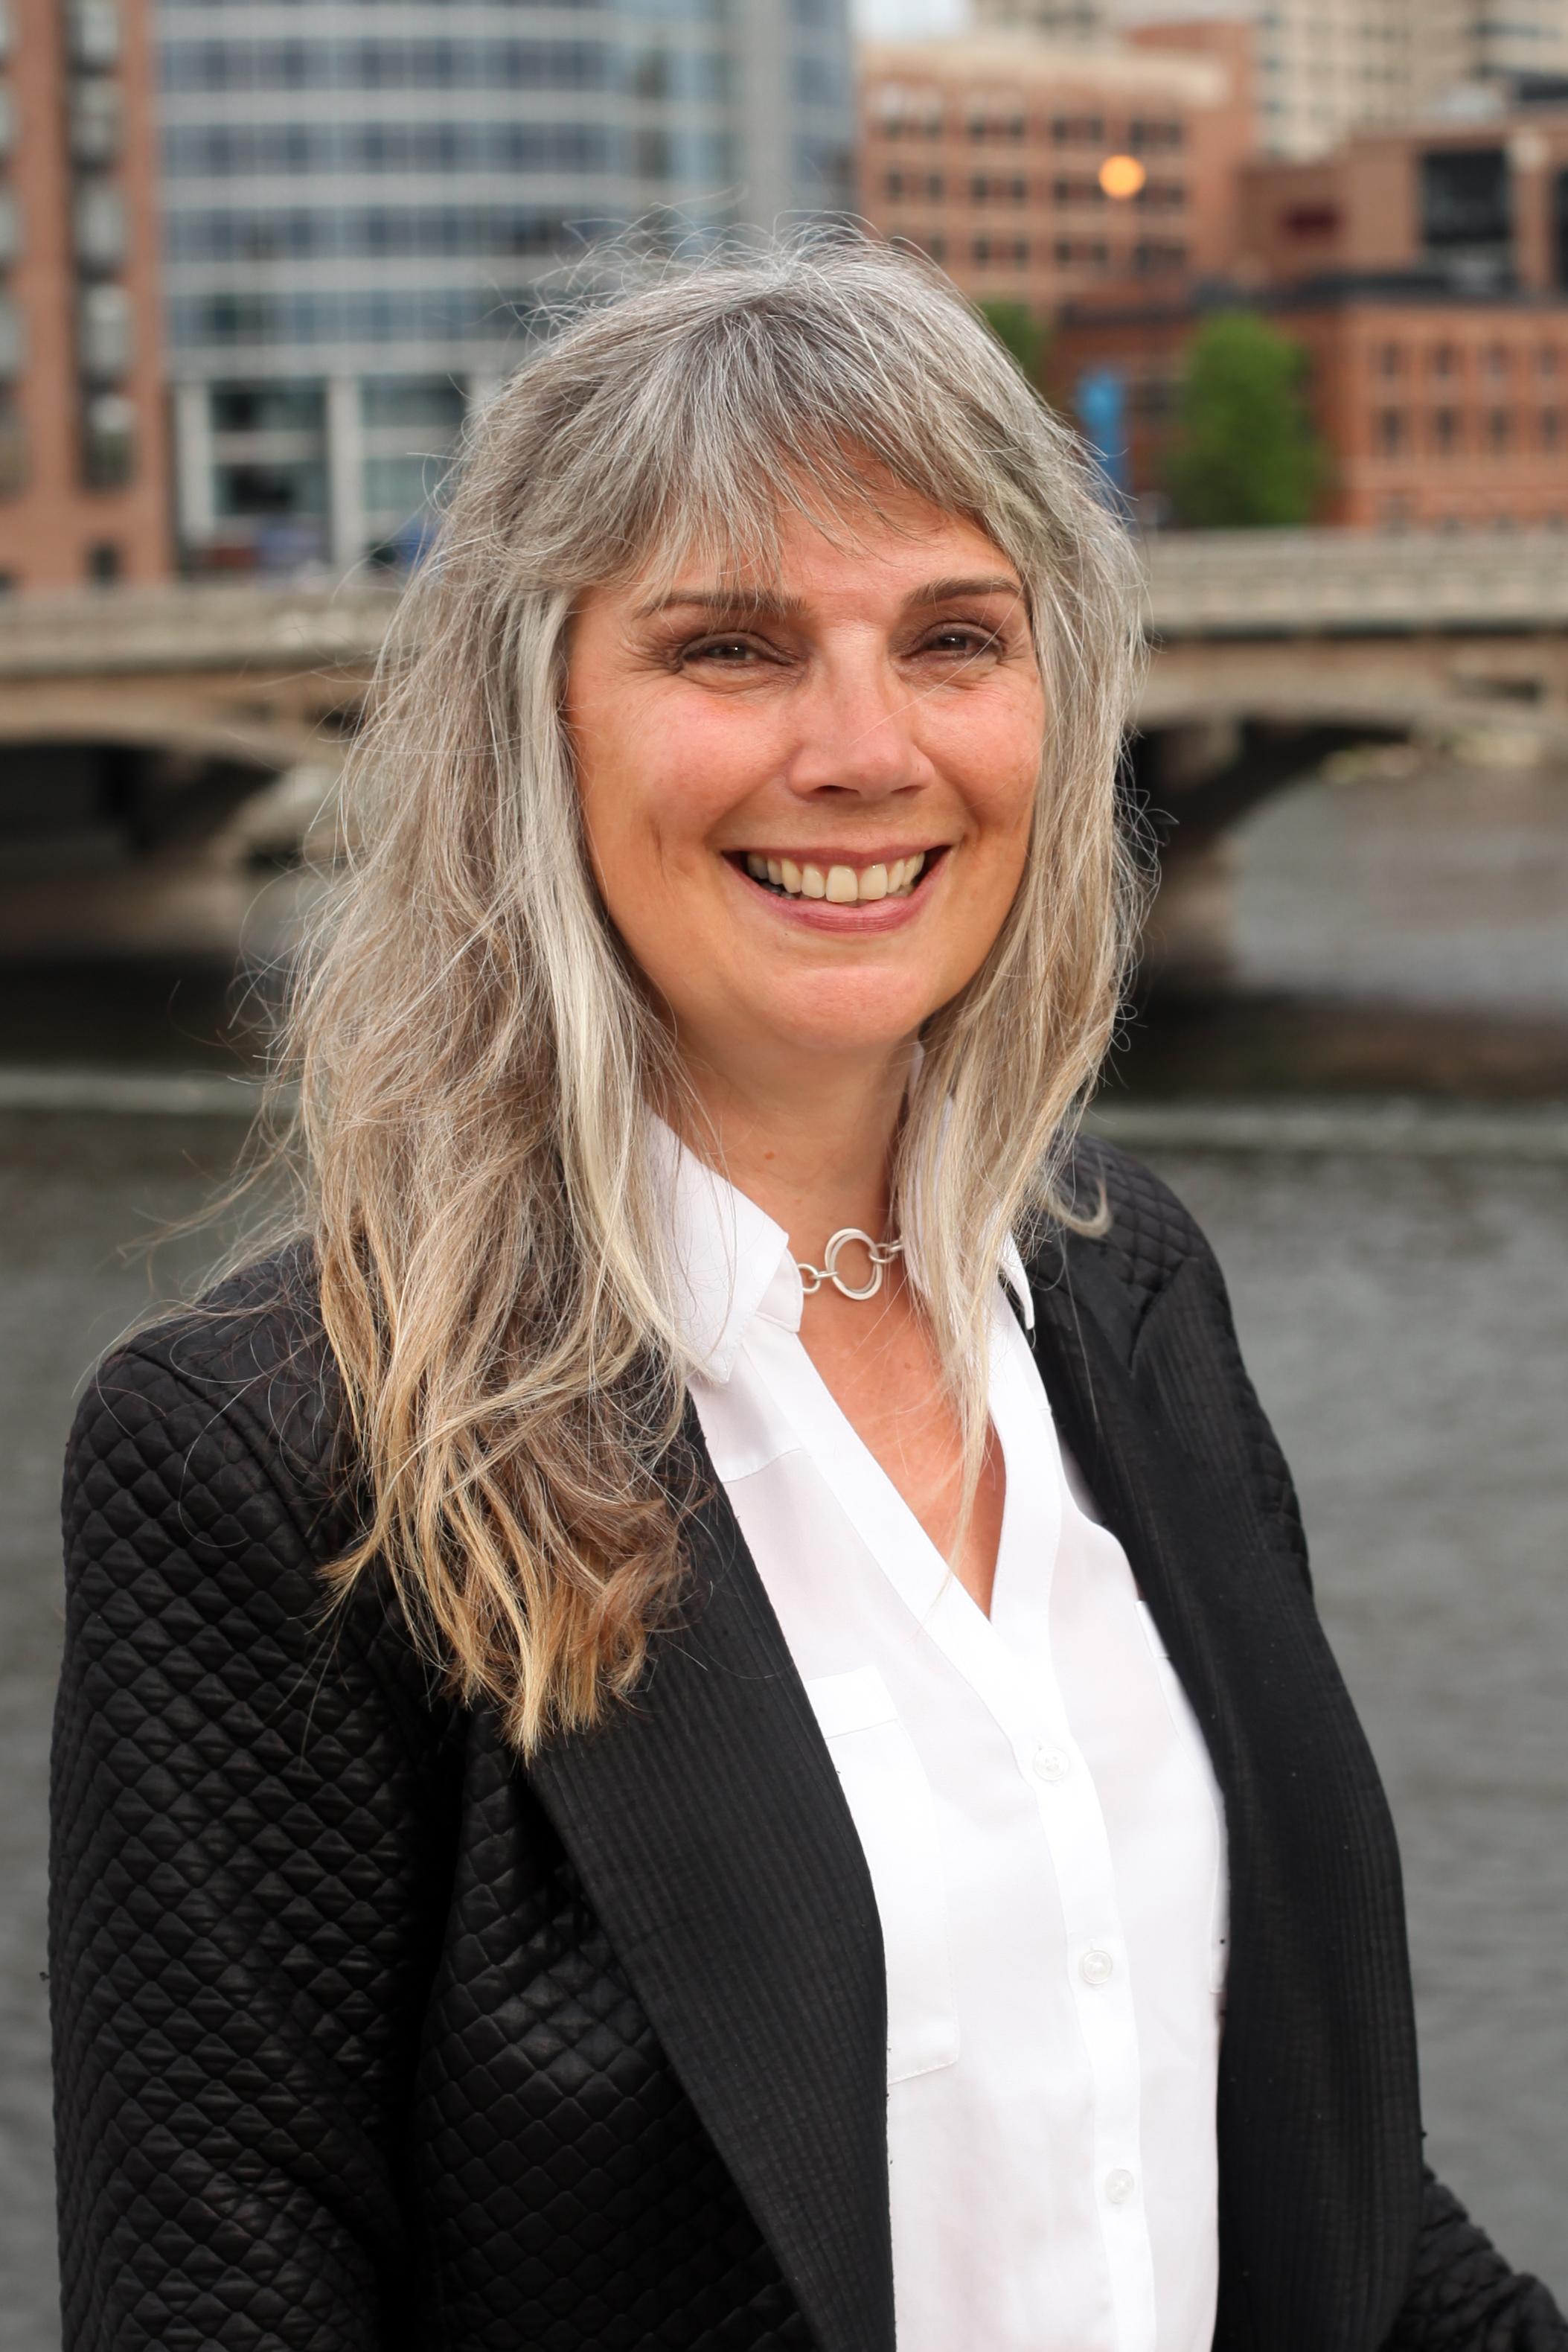 Ann Finkler